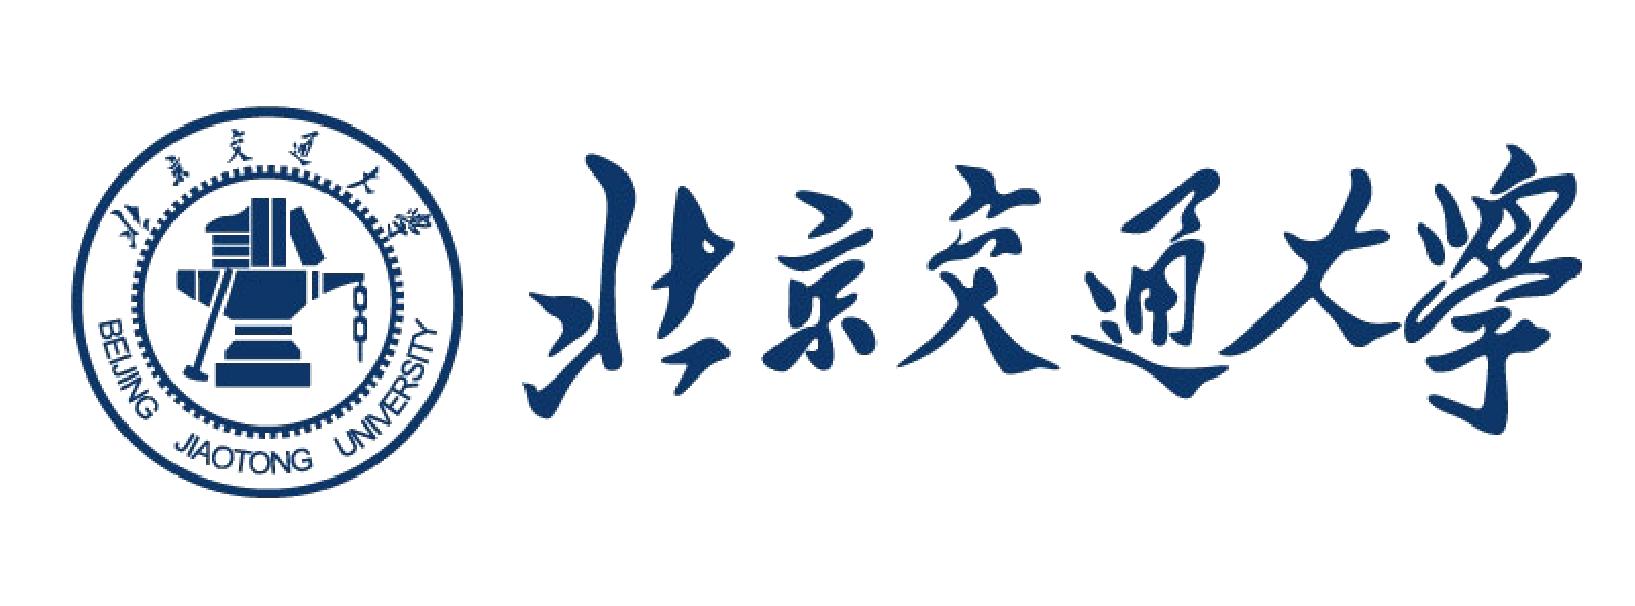 BJTU logo1 copy